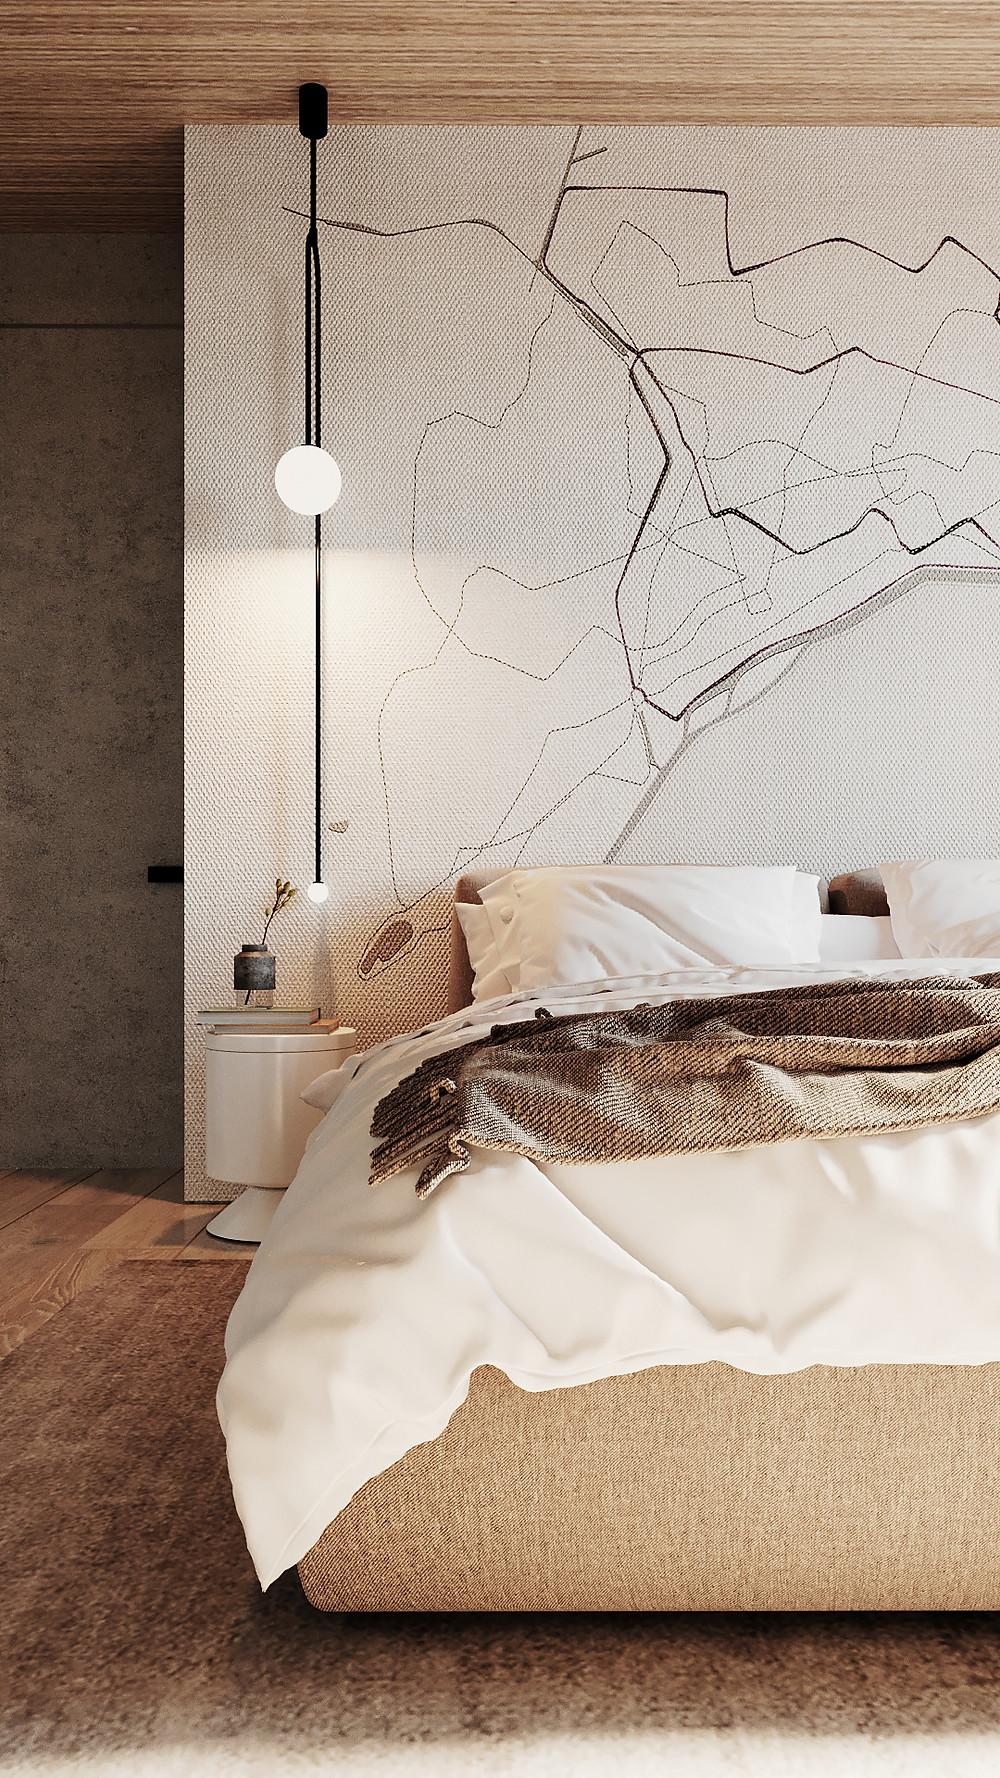 Glamora| Interior bedroom SENKO architects |Bedroom wallpaper |блог senko architects | Обои в  современном интерьере: клеить или не клеить? | обои в спальне | обои дизайн интерьера | дизайнер интерьера украина киев